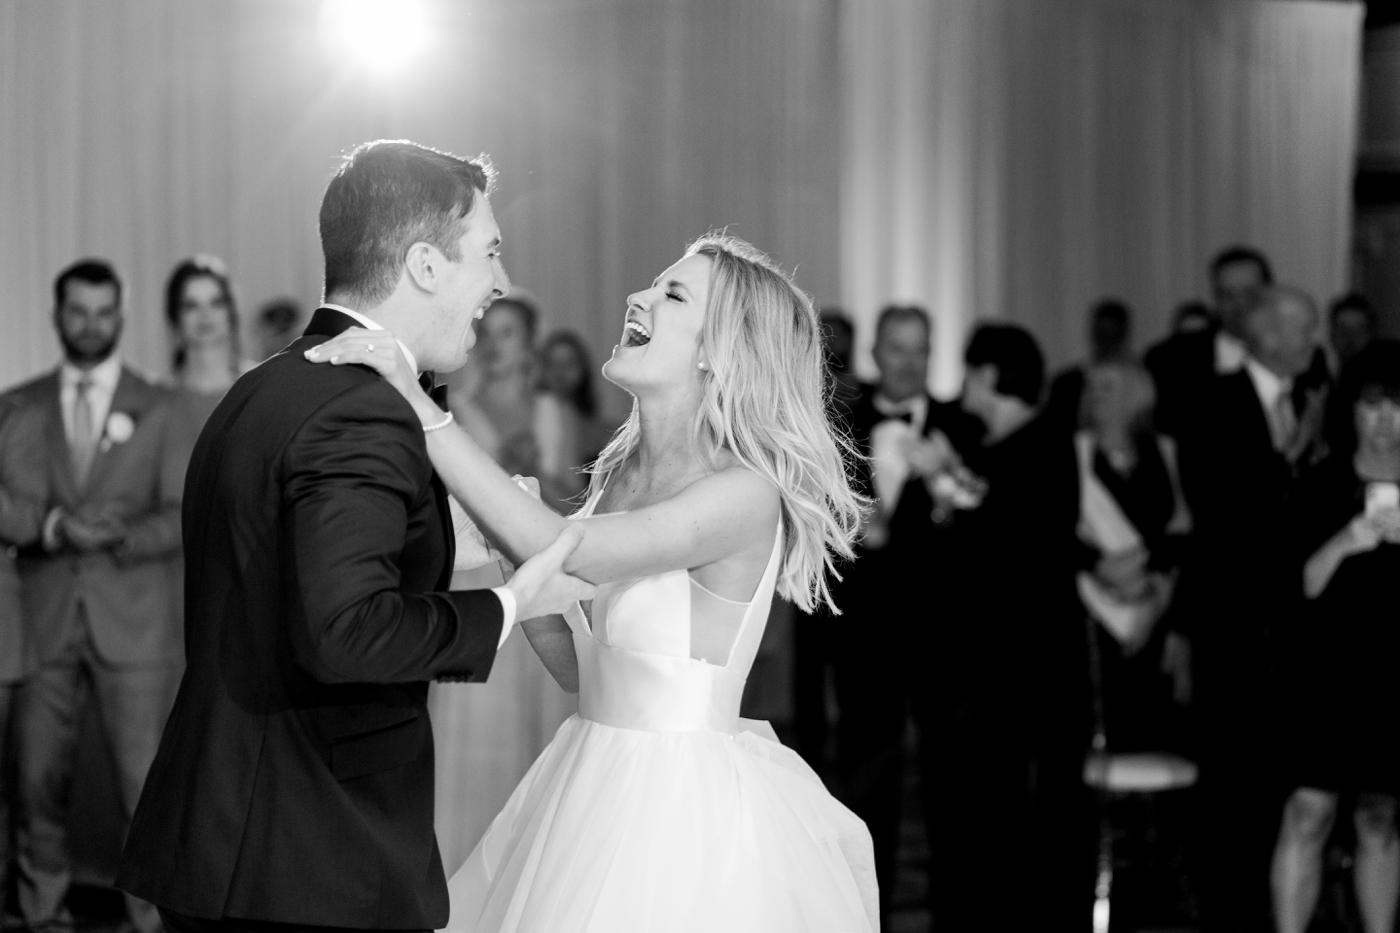 orlando wedding photography black and white